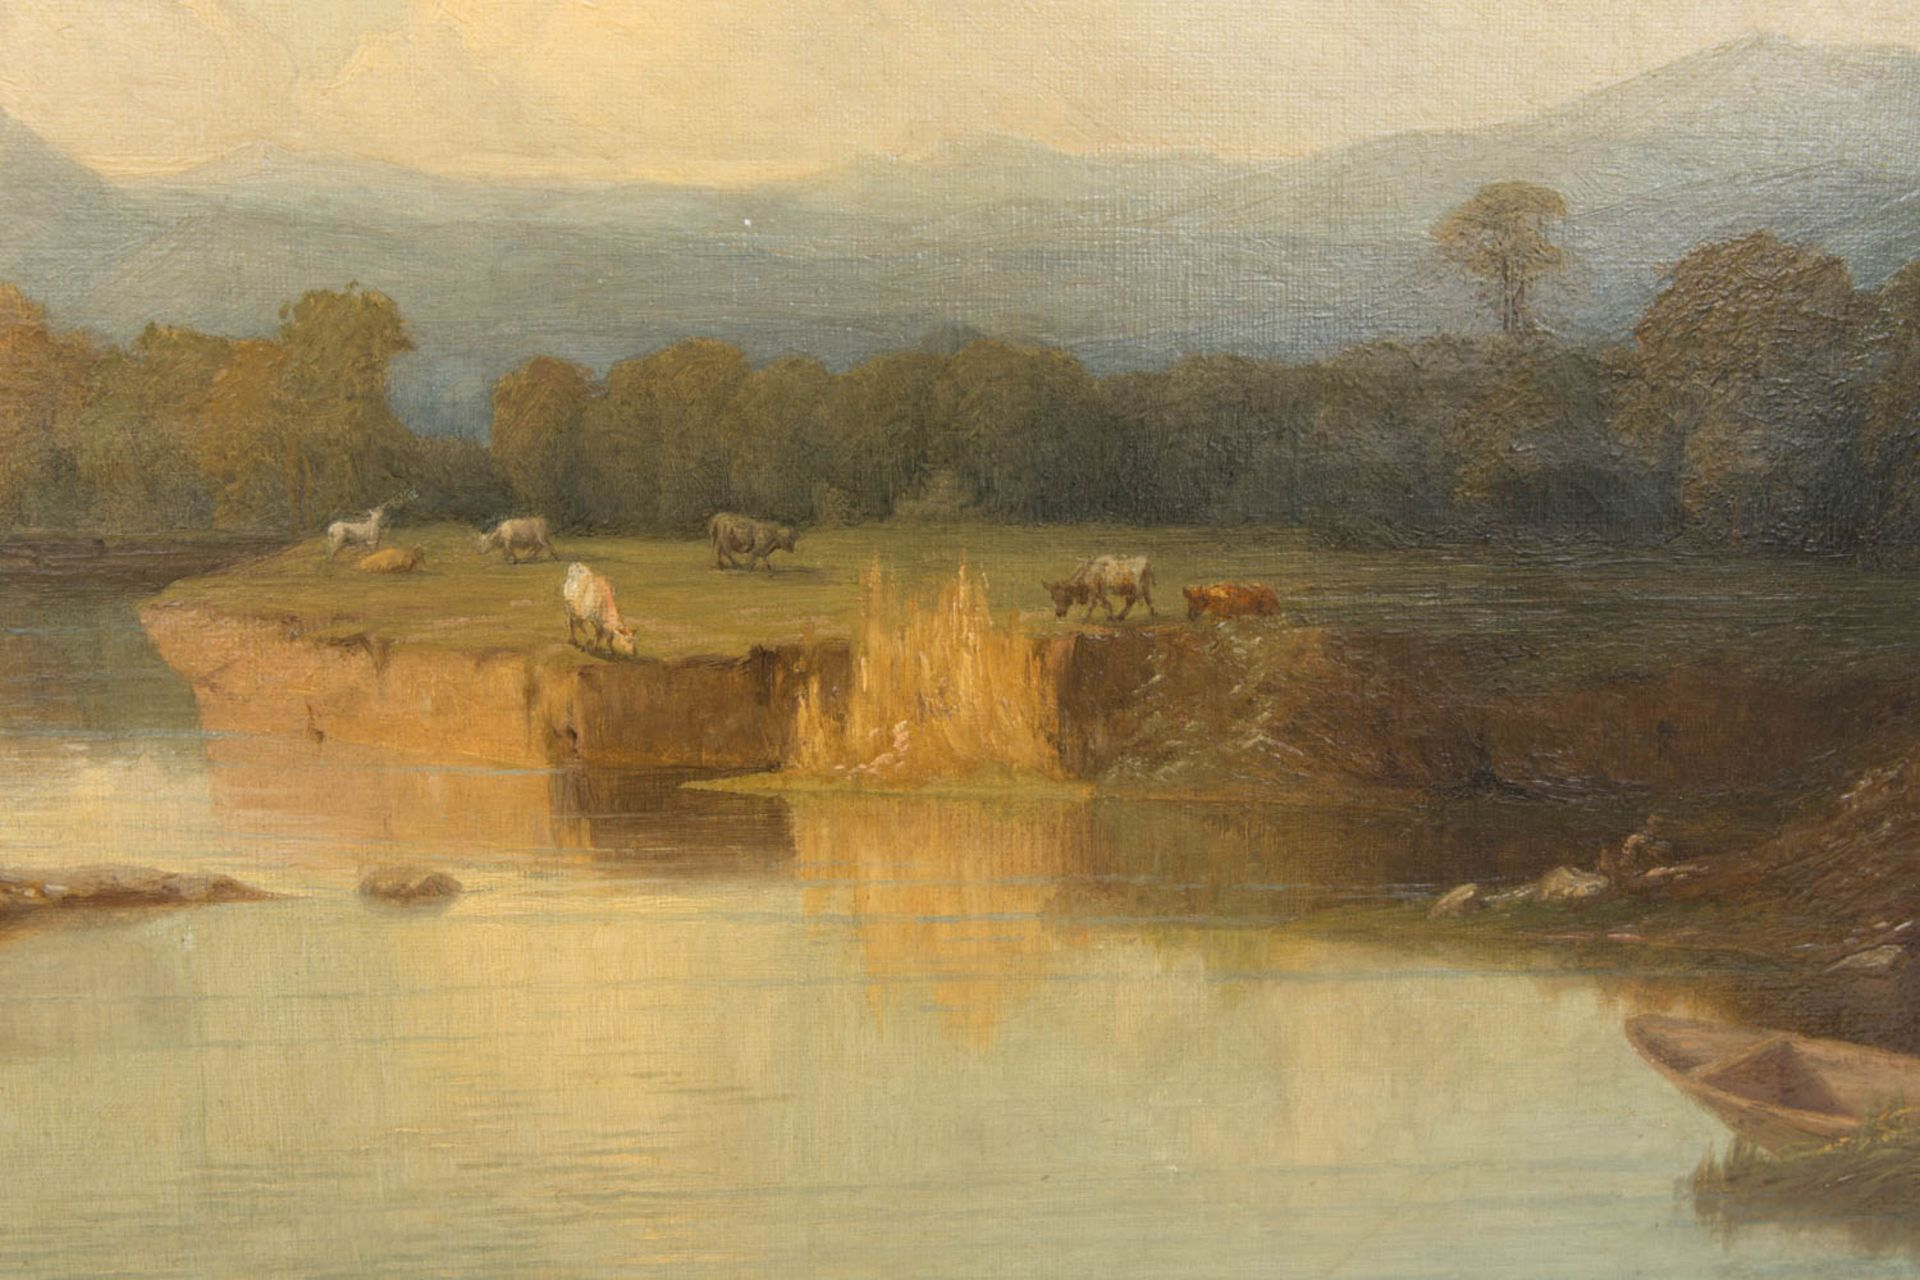 Monogrammiert J. C. Händler, Landschaftsansicht, Öl auf Leinwand, Frankfurt am Main, 1874. - Bild 2 aus 5